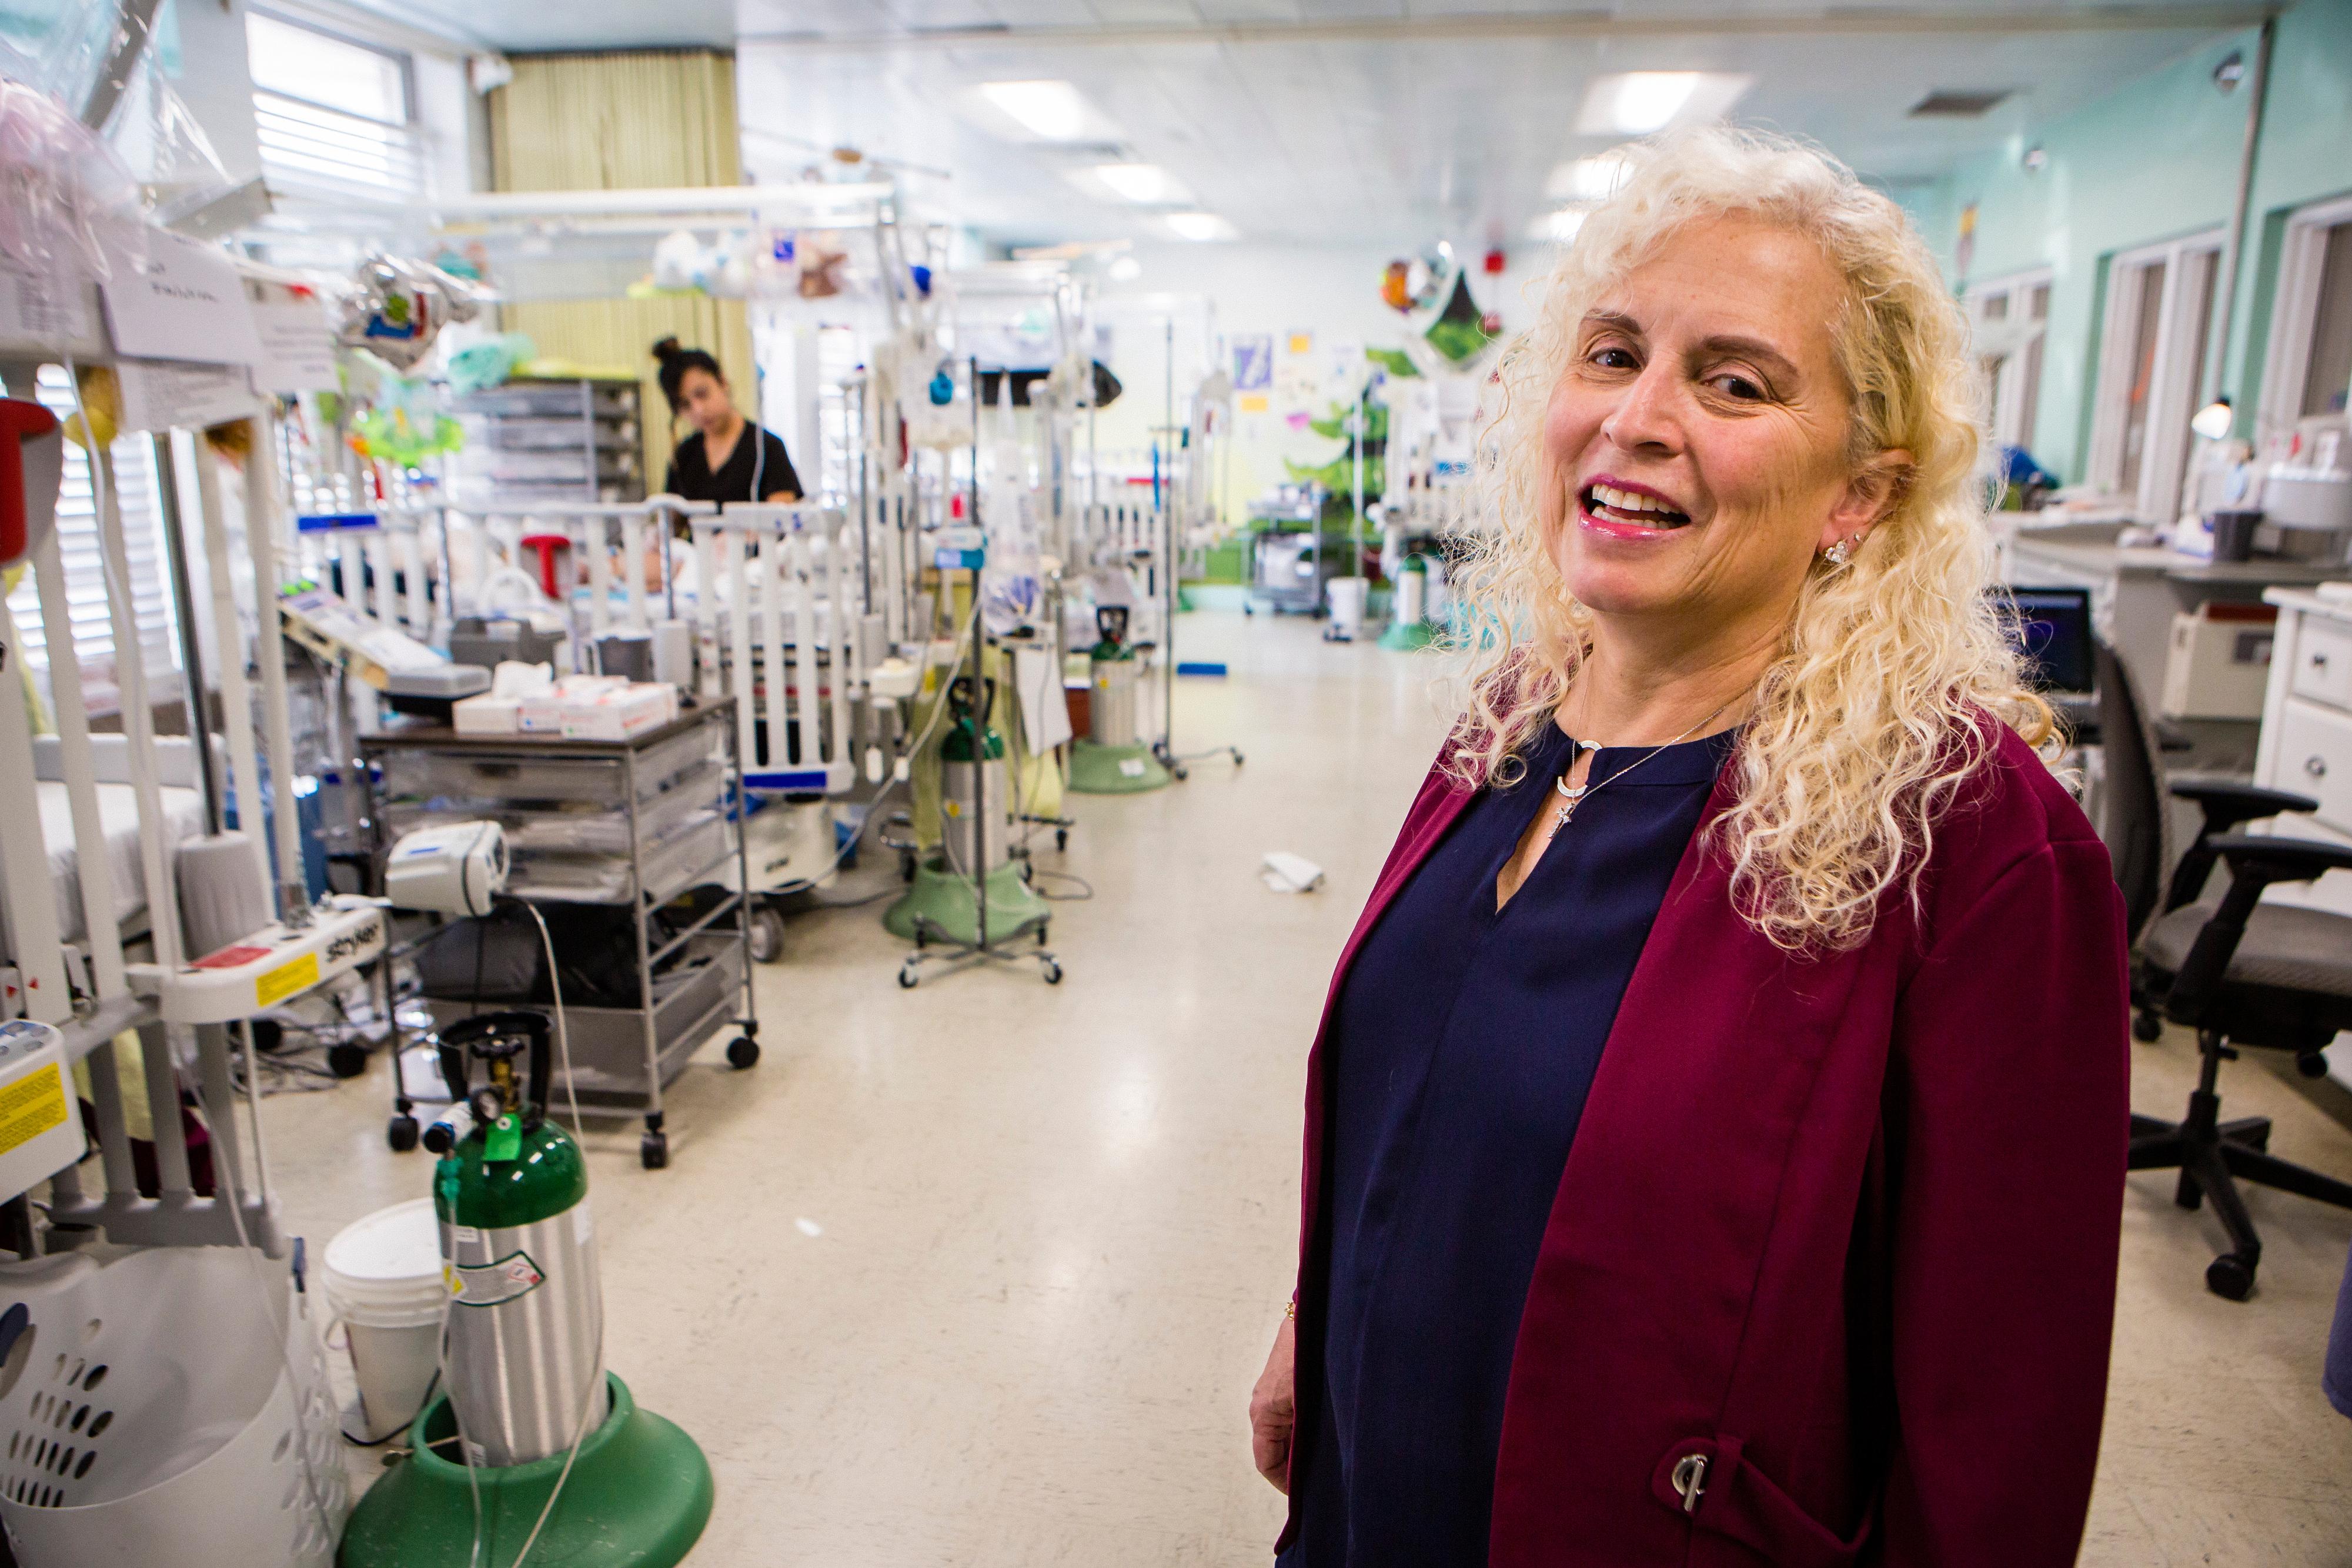 Helene Pochopien, director of nursing at Maryville Children's Healthcare Center